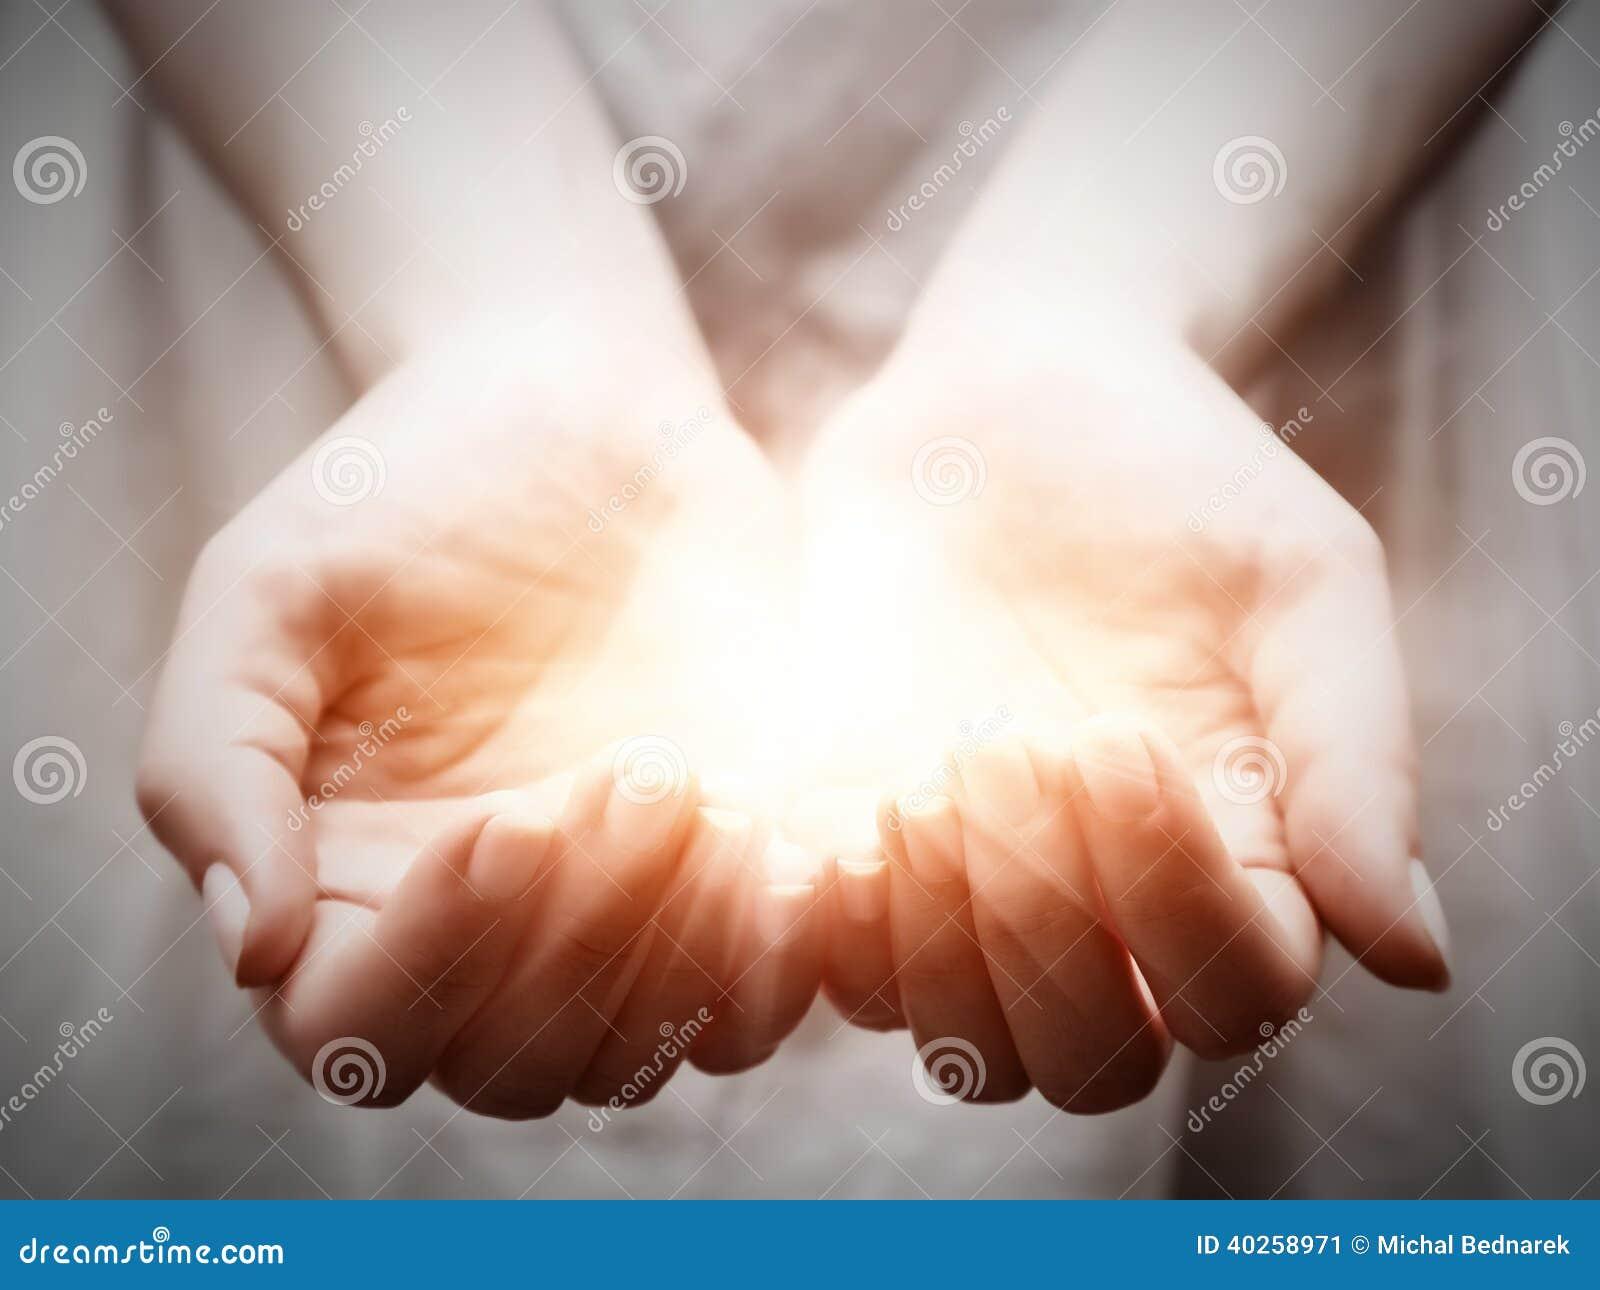 光在少妇手上。分享,给,提供,保护